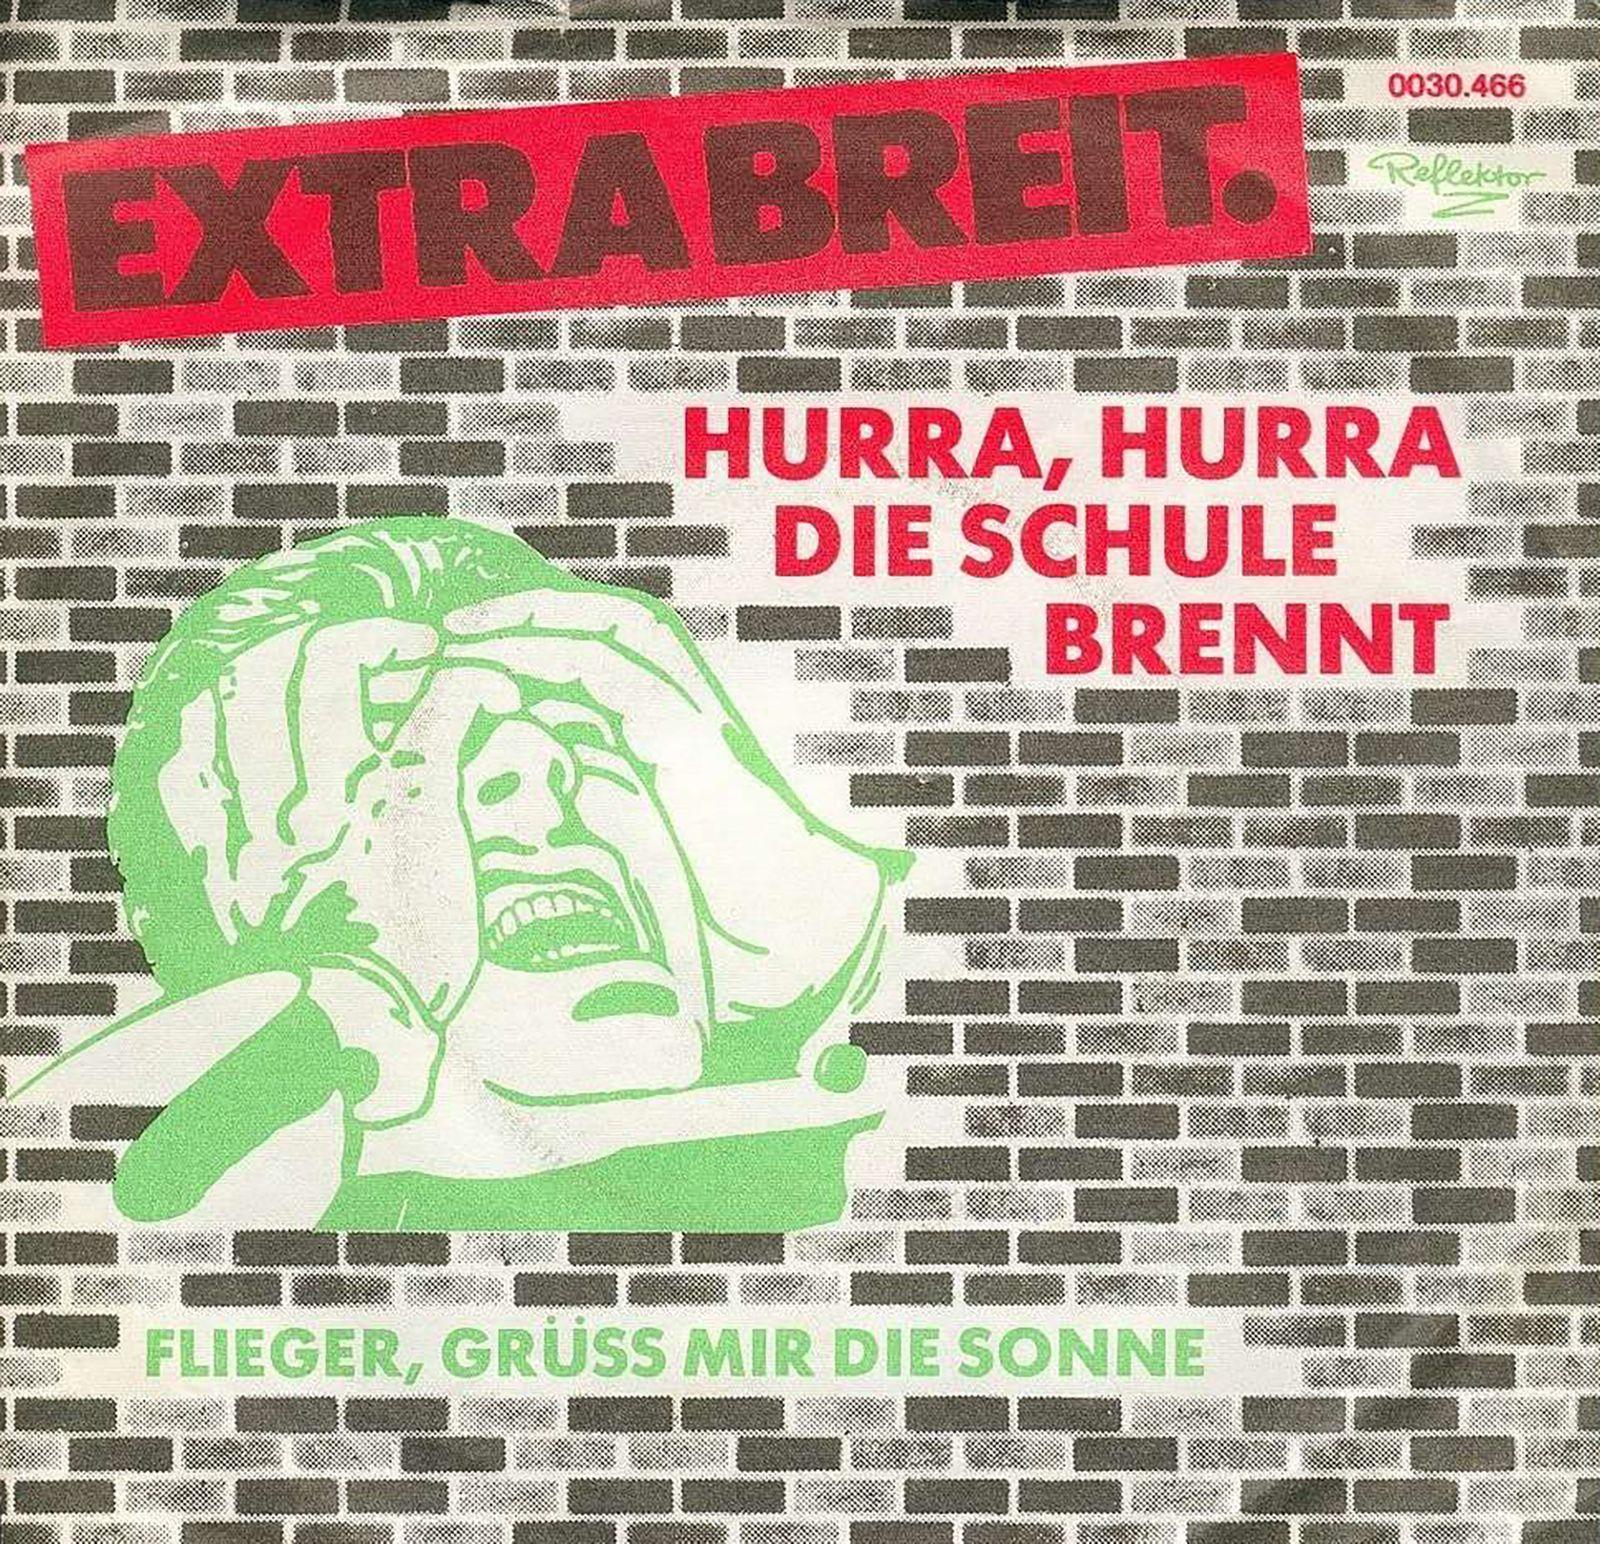 1981_Single Hurra hurra